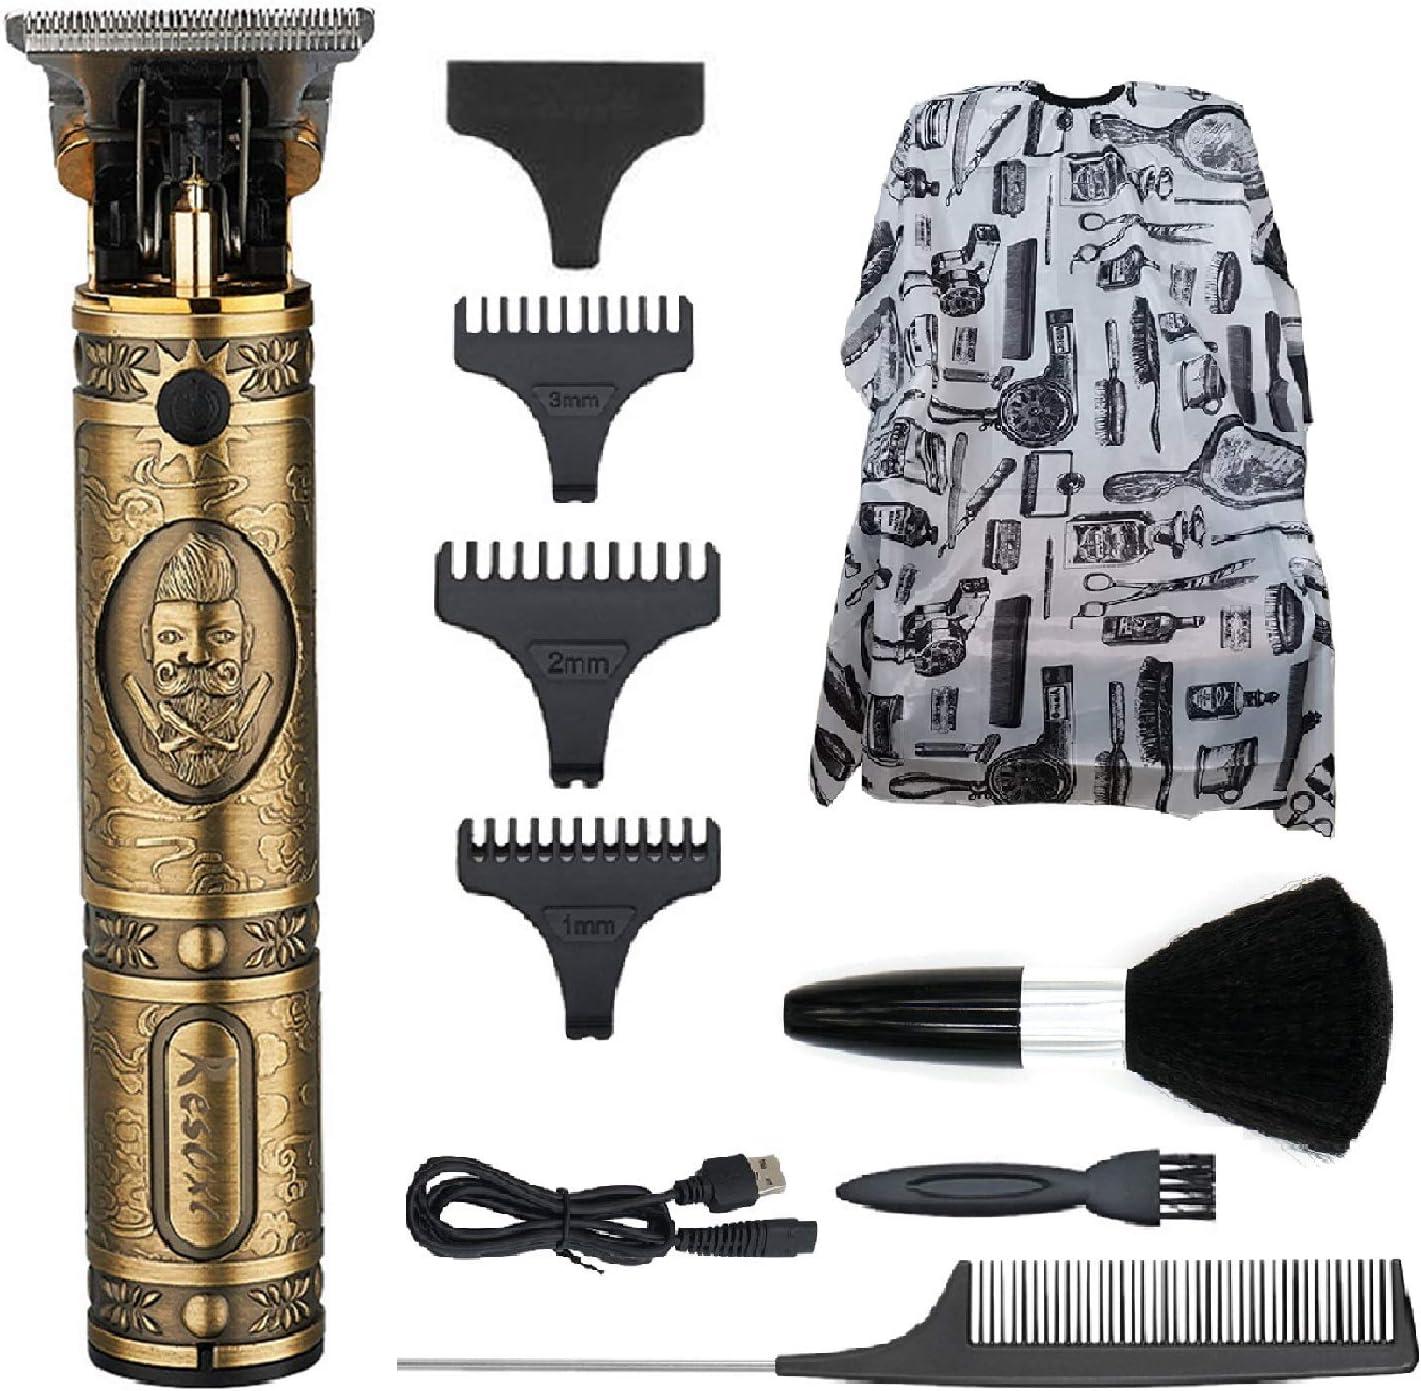 Cortapelos Anself + accesorios por sólo 13,20€ con el #código: OJBX5BSX